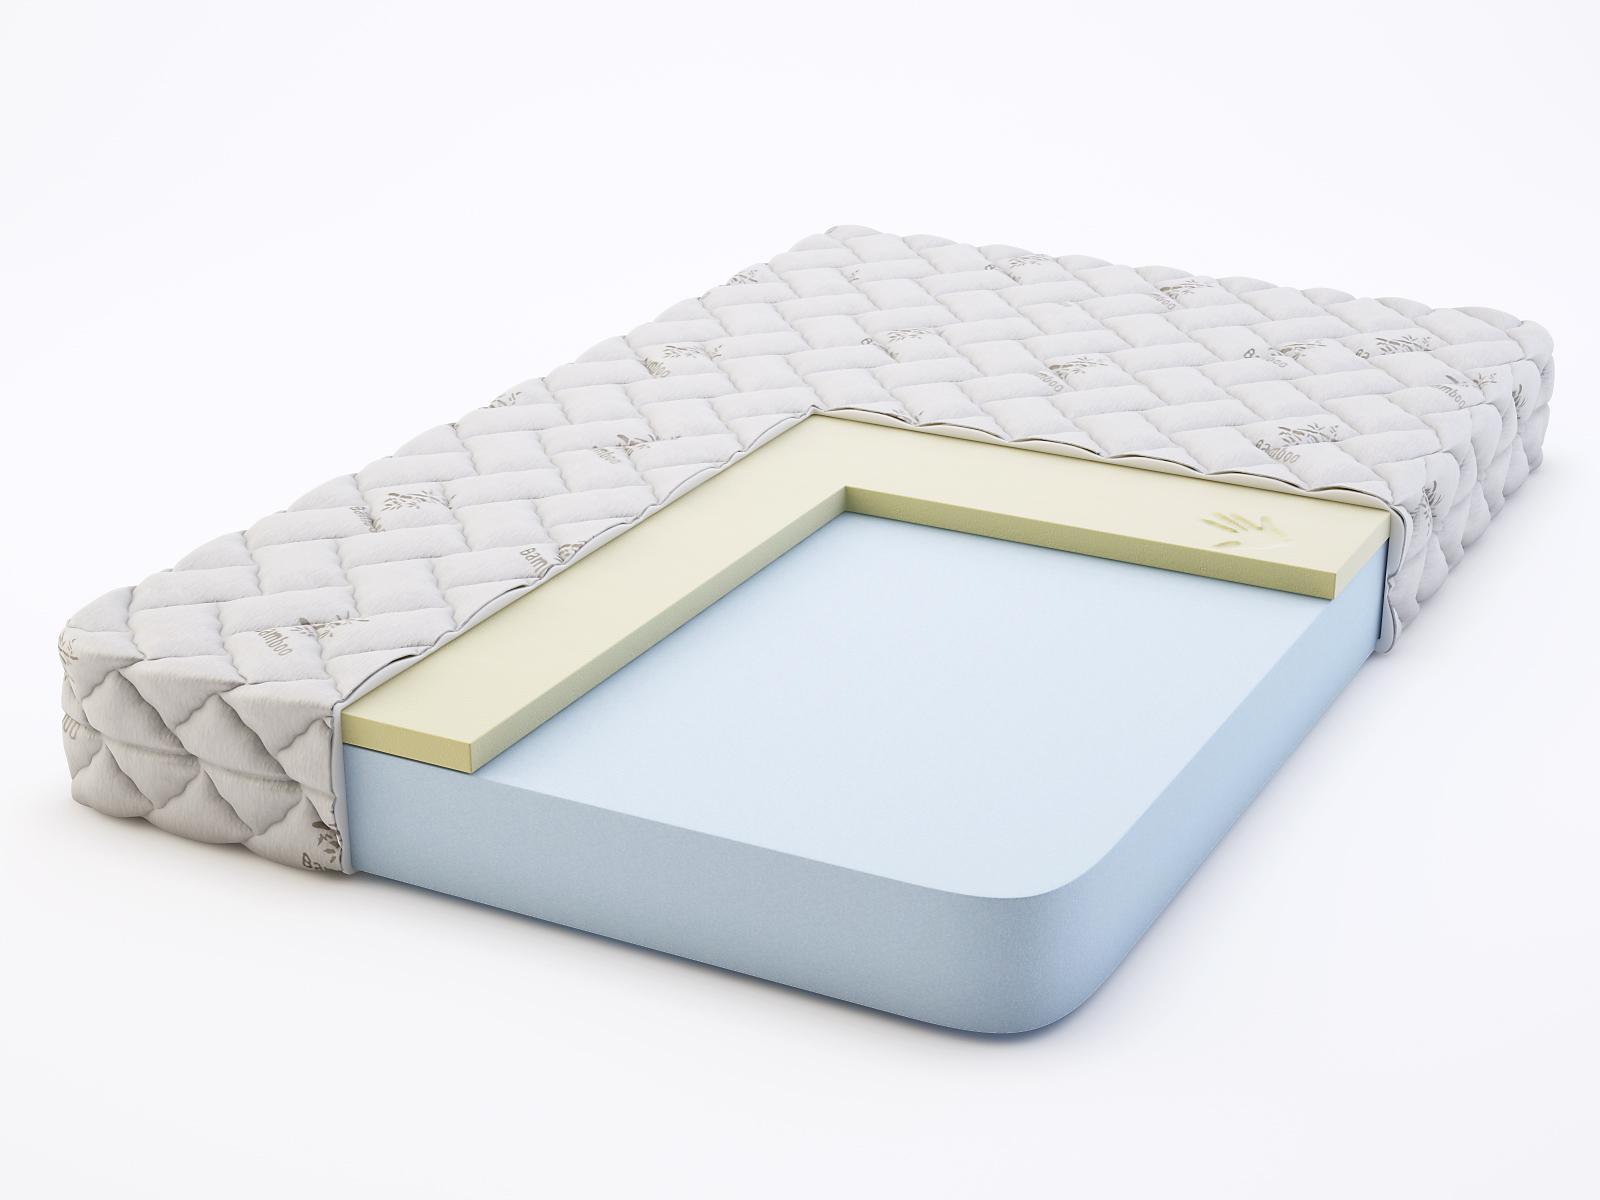 полиуретановый матрас фото дизайна